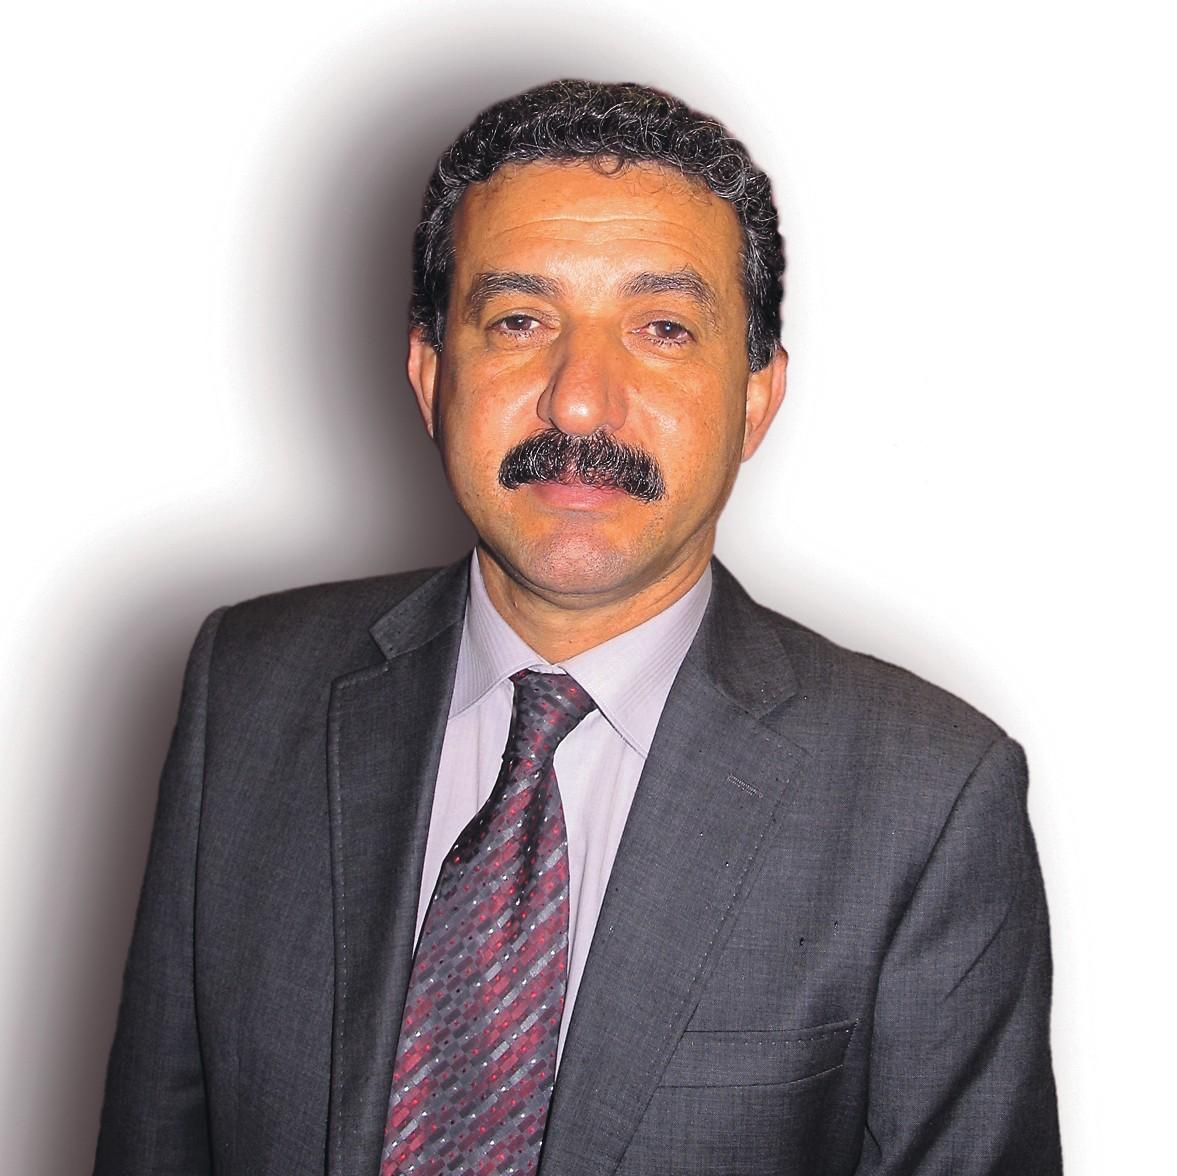 Kansallisessa sovussa ja luonnonvarojen omistuksessa on Irakin tulevaisuus